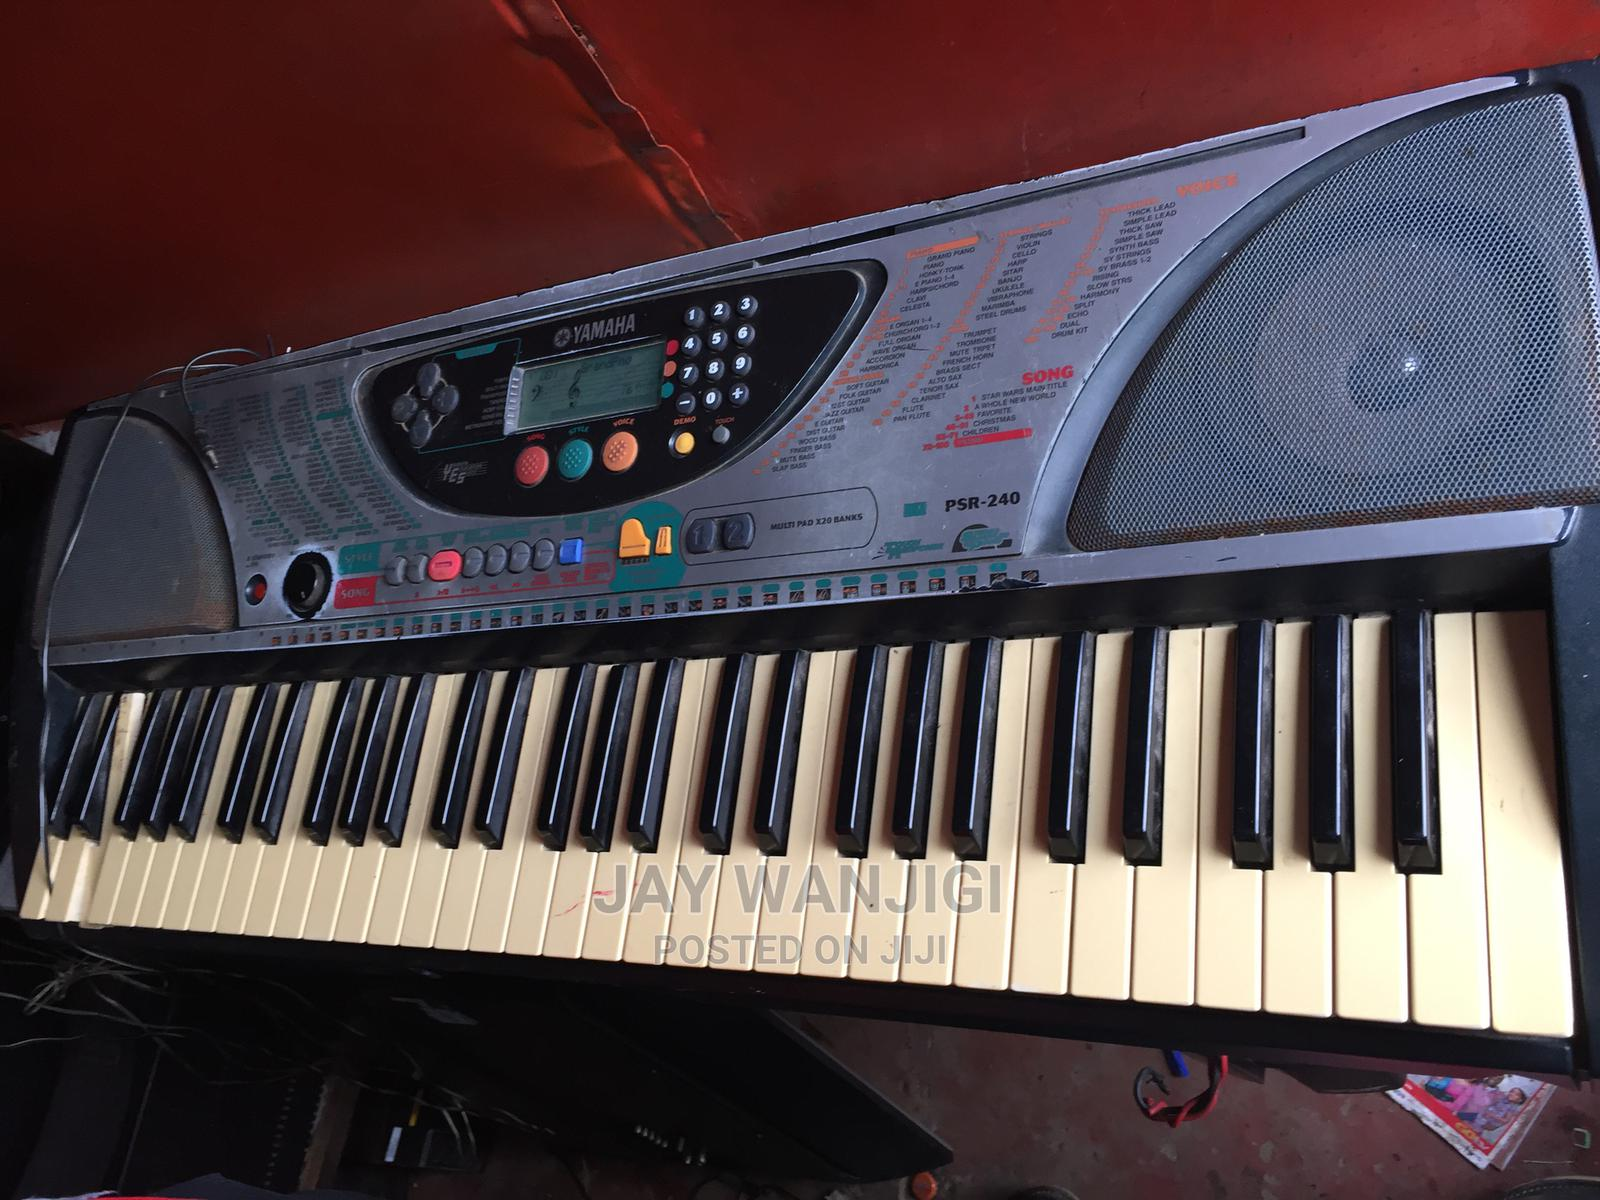 Yamaha PSR-240 61-Key Portable Electronic Keyboard